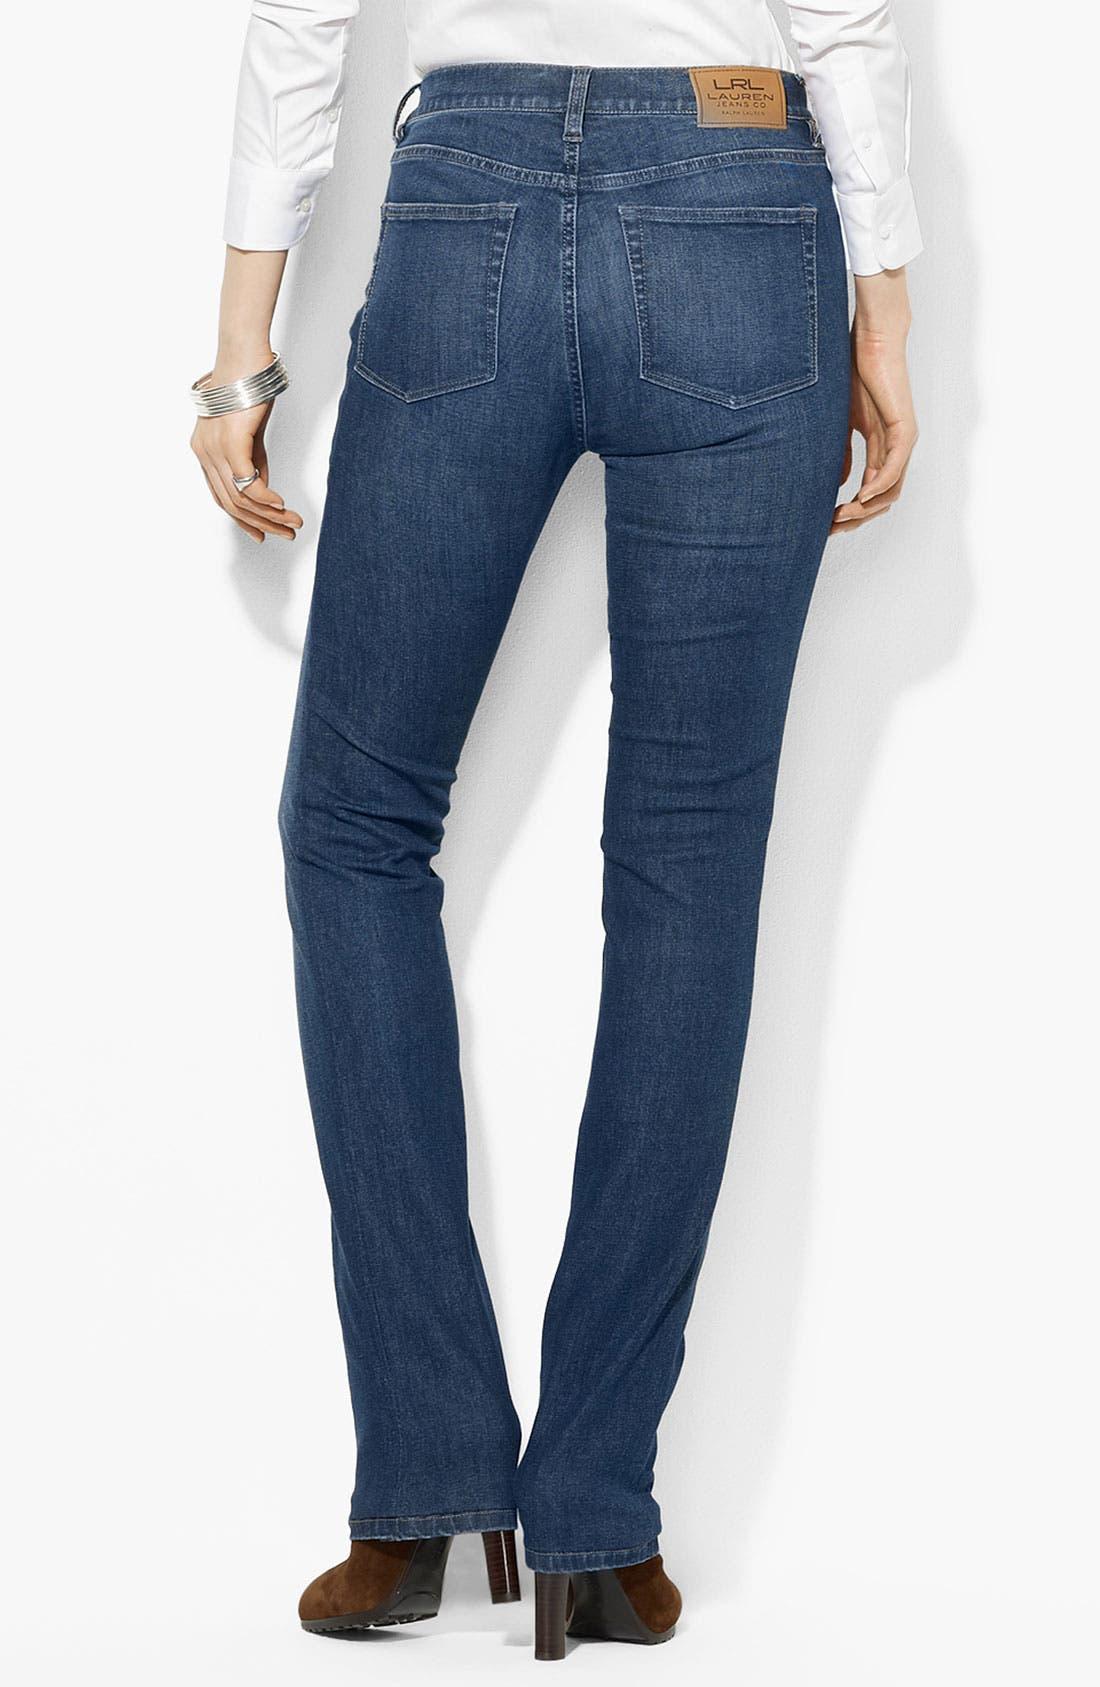 Alternate Image 2  - Lauren Ralph Lauren Slimming Straight Leg Jeans (Petite) (Online Only)